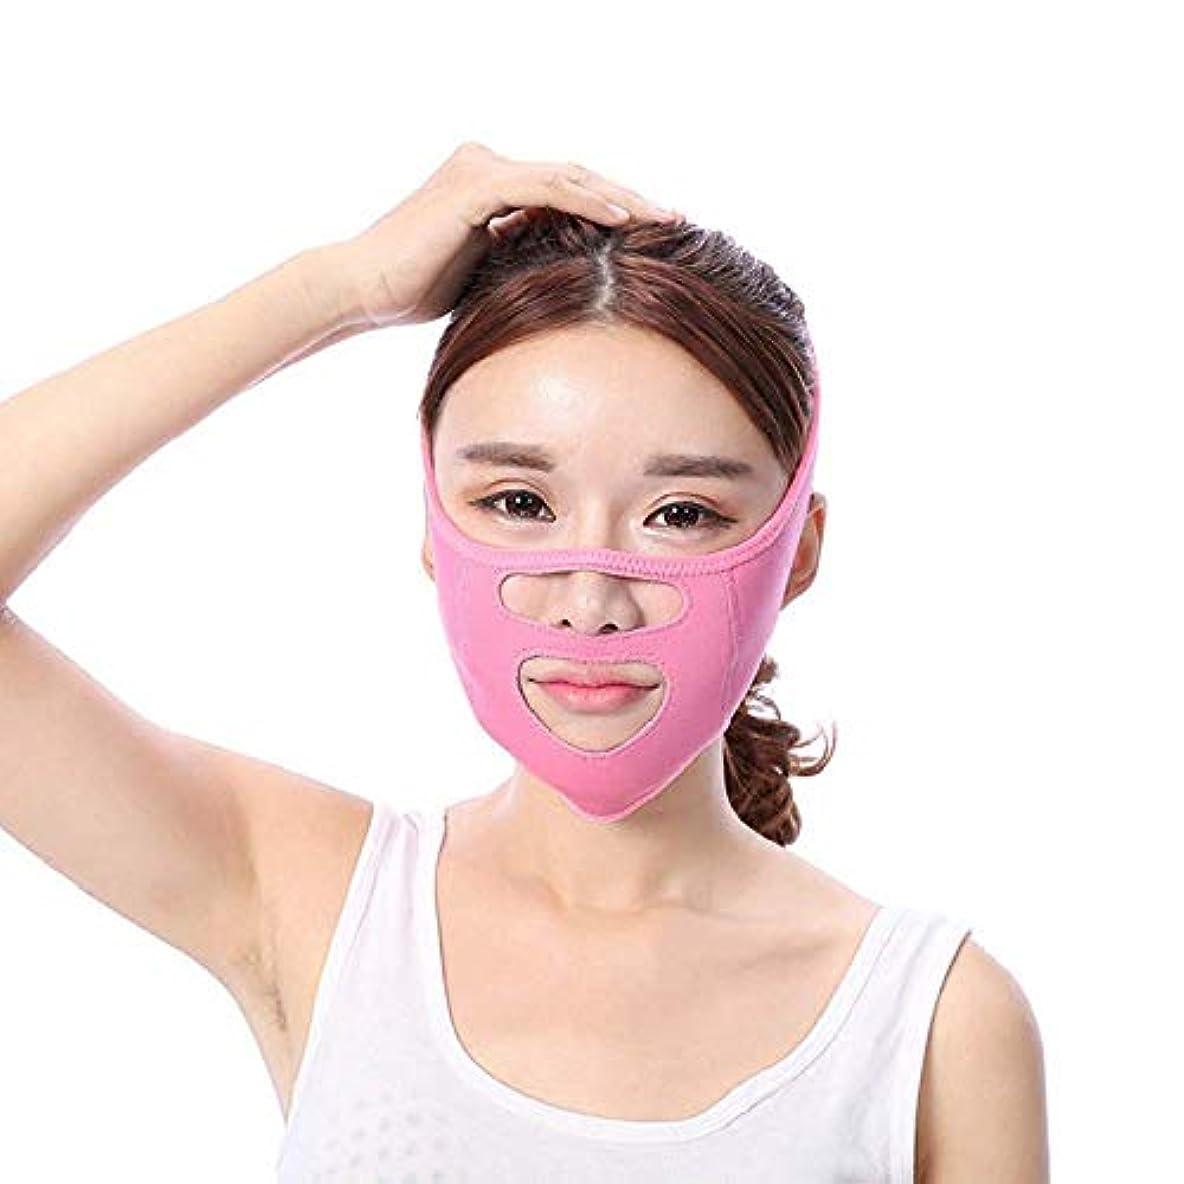 デンプシー哺乳類破壊的な薄い表面包帯の美装置の持ち上がることの固まる二重あごのDecree Vのマスクの通気性の睡眠のマスク